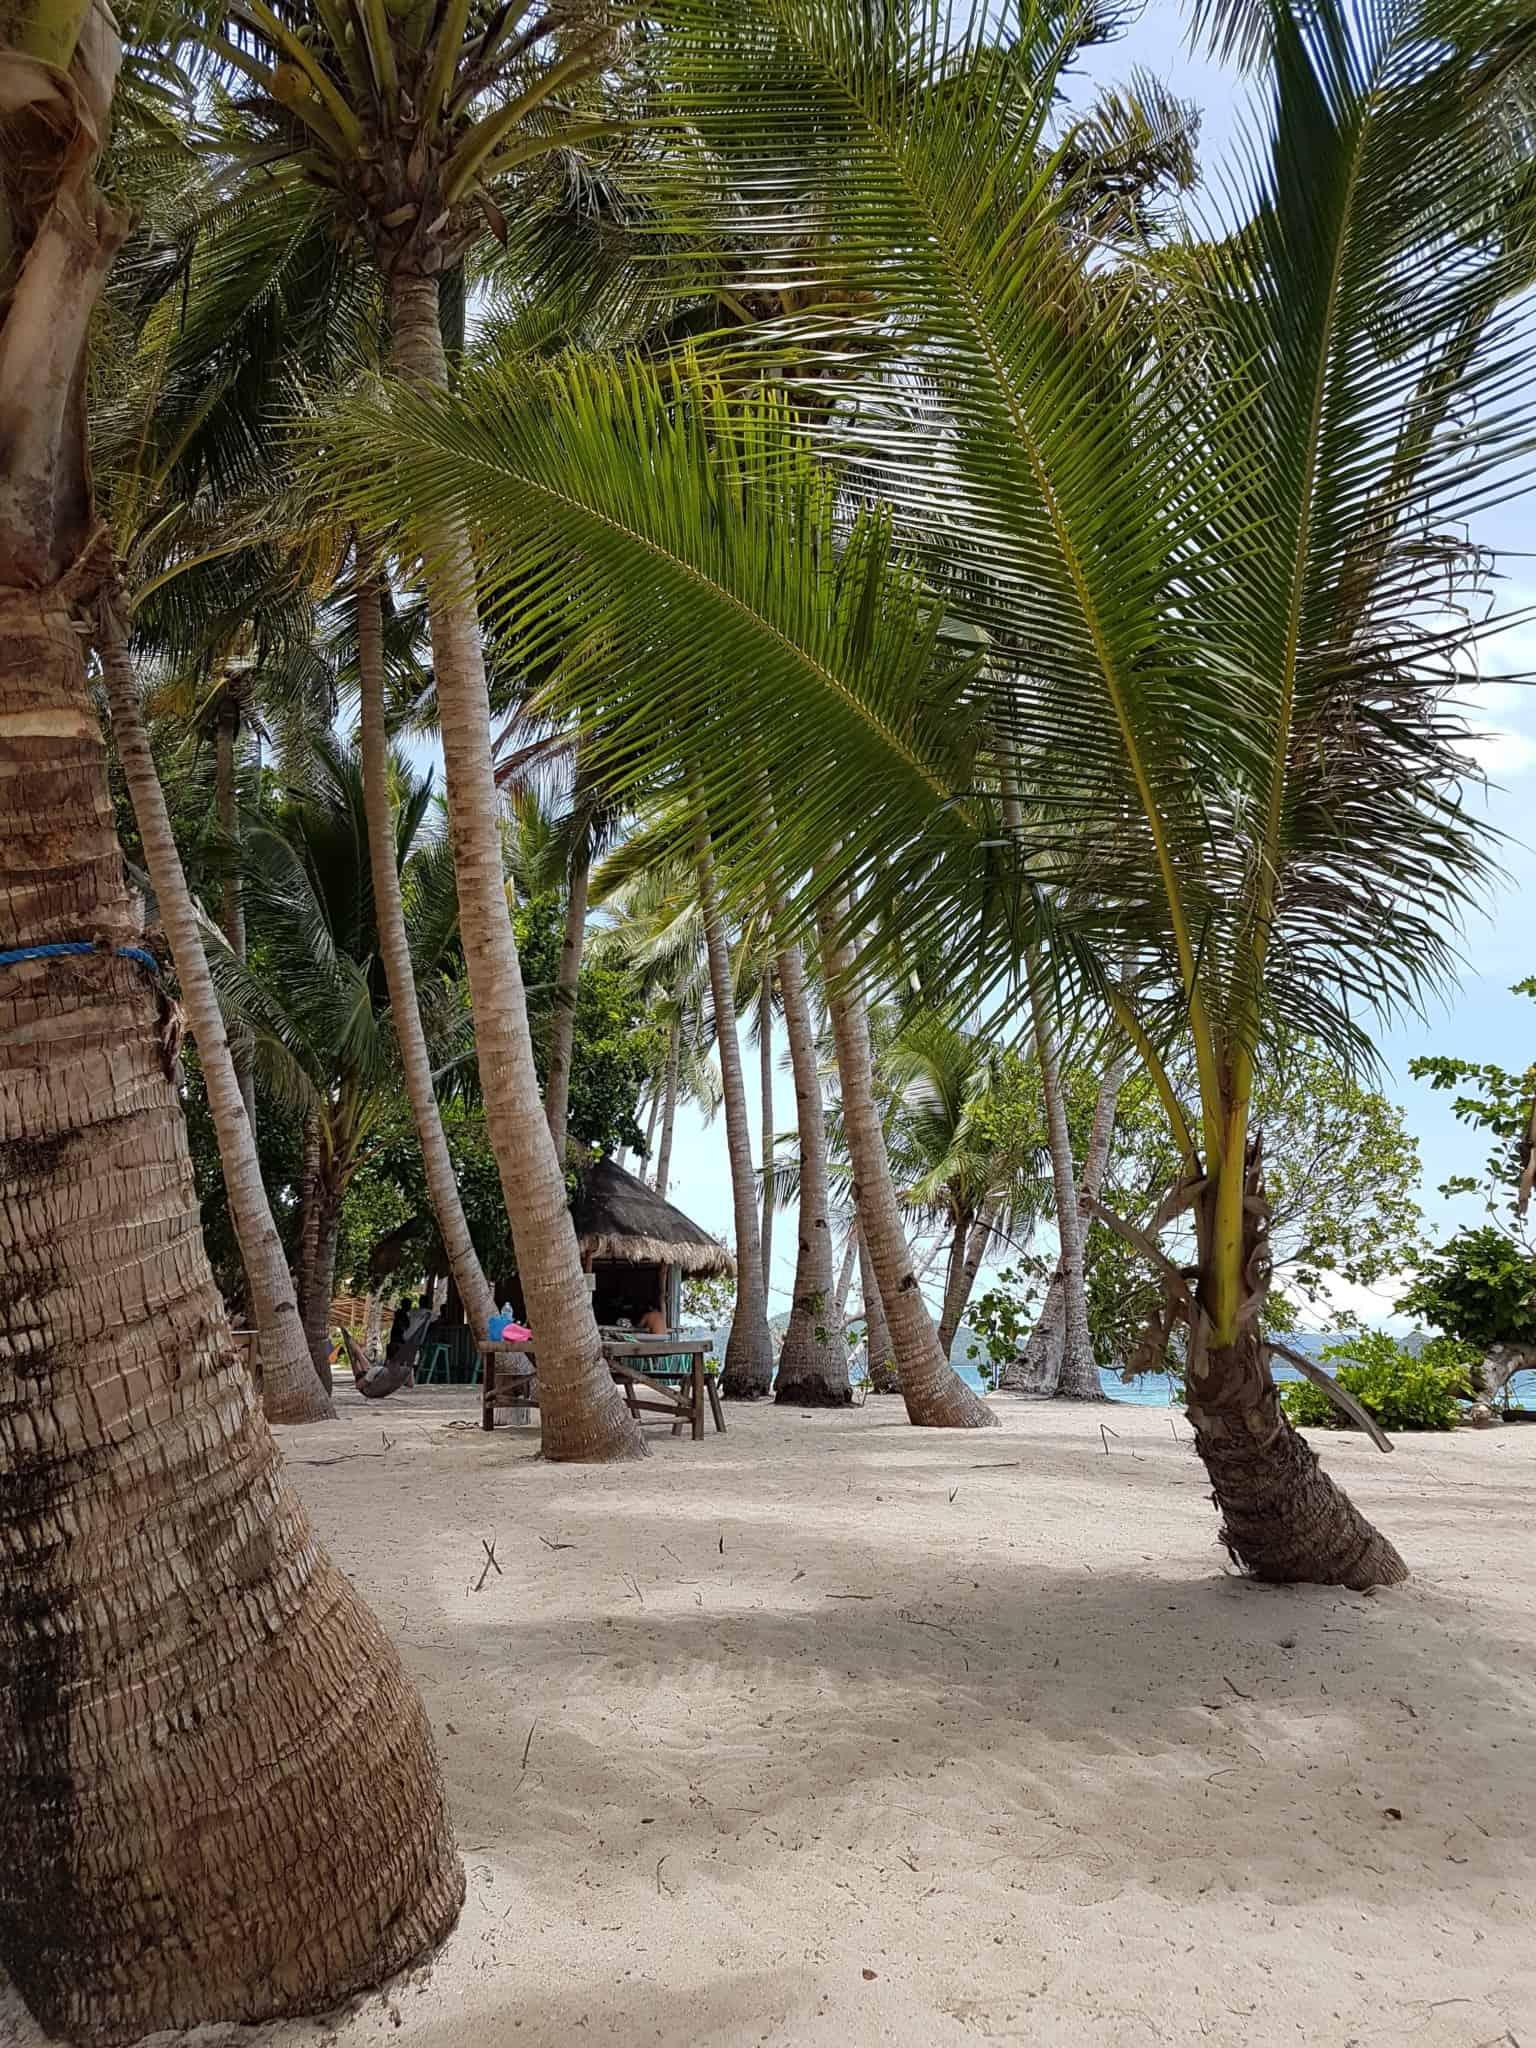 Philippines, comment je me suis retrouvée seule sur une île déserte 🧜♀️ 23